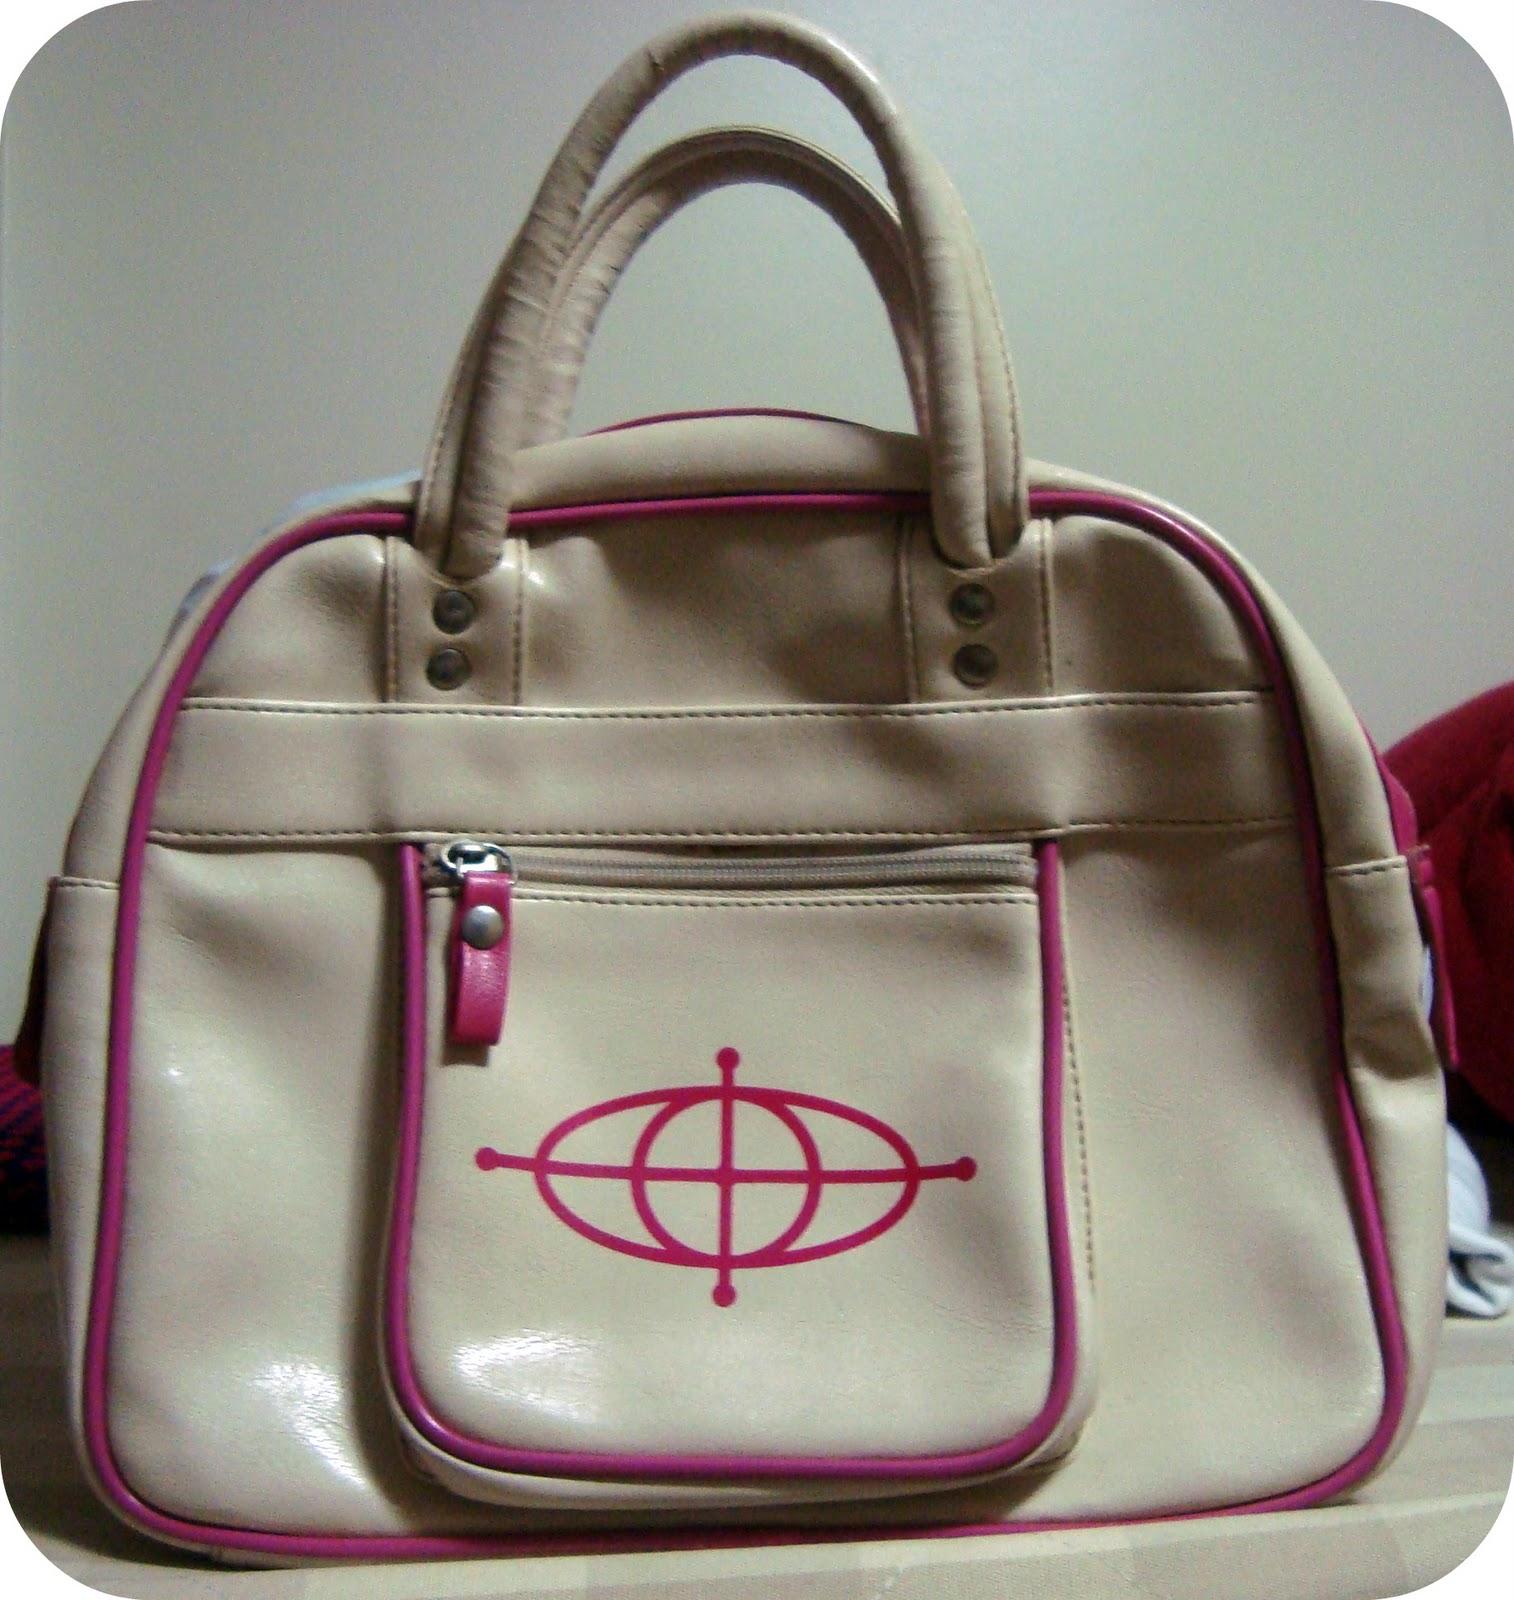 0042c56f7 Opa, mais uma bolsa Triton! Dessa vez maior e creme com rosa.